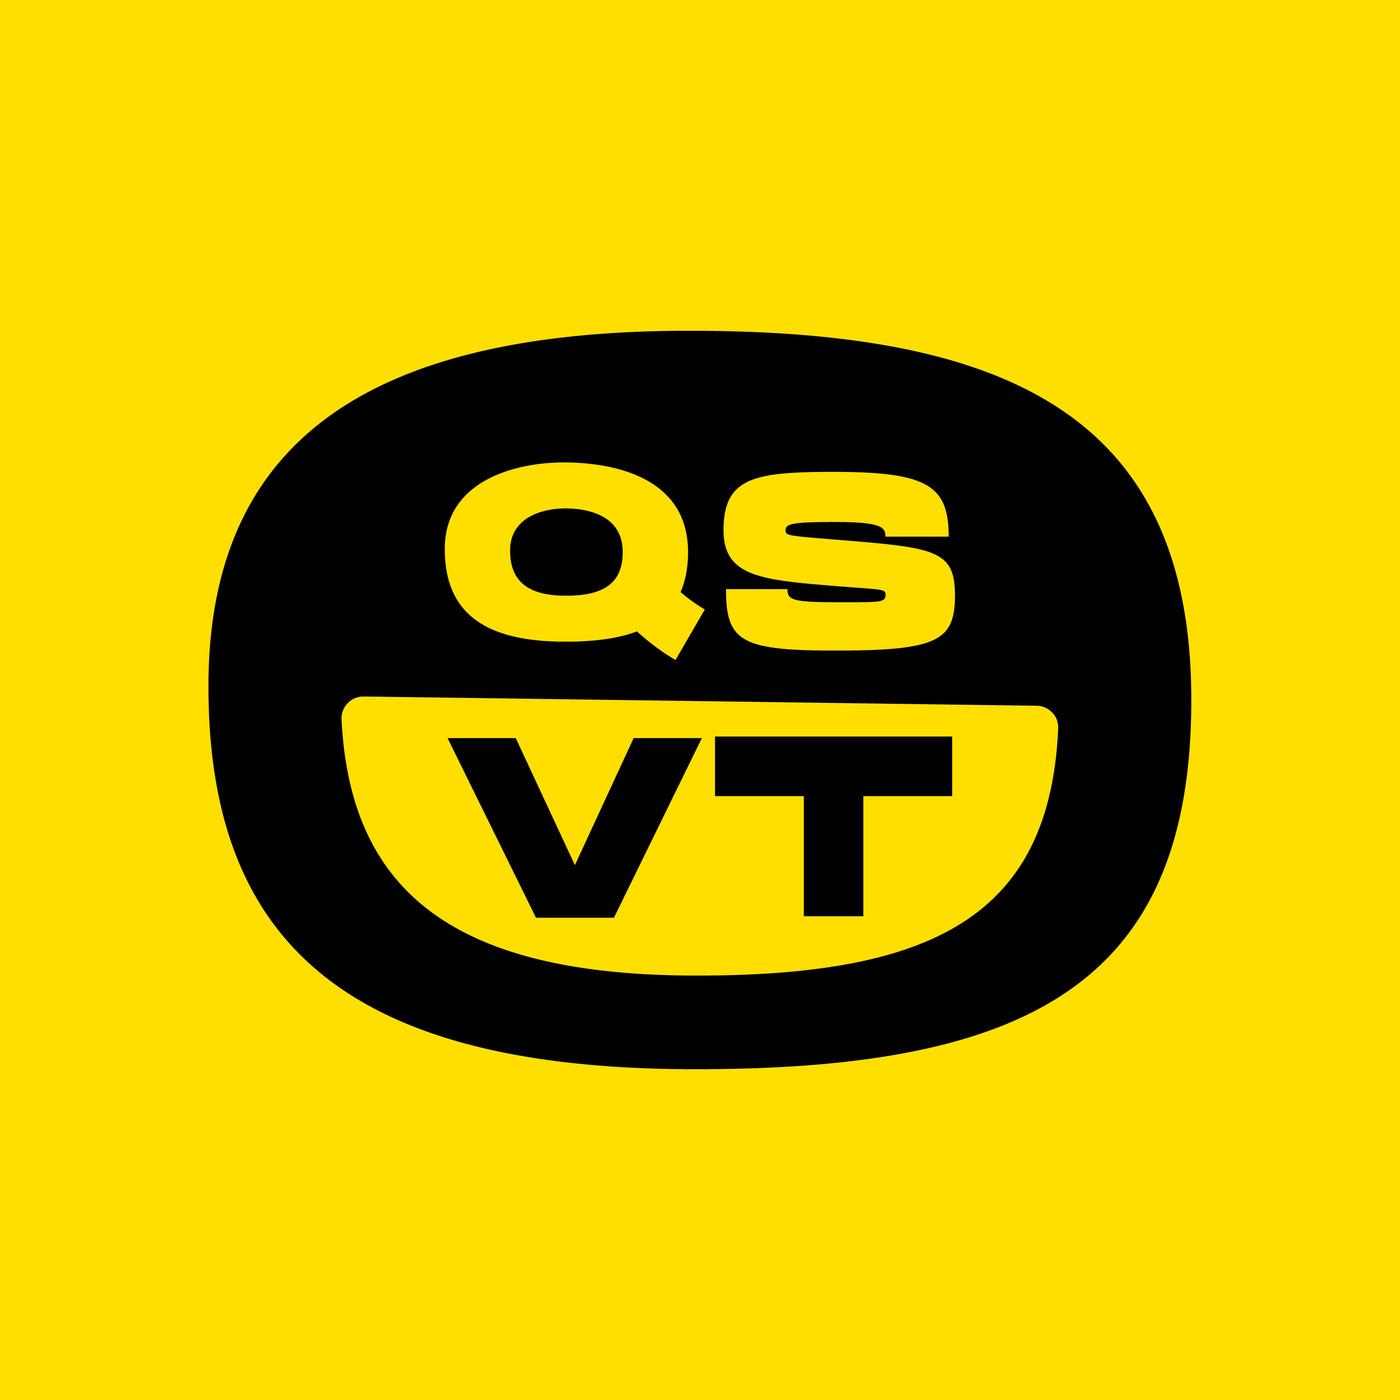 QSVTM661 Sitios Extran?os para Hacer Publicidad